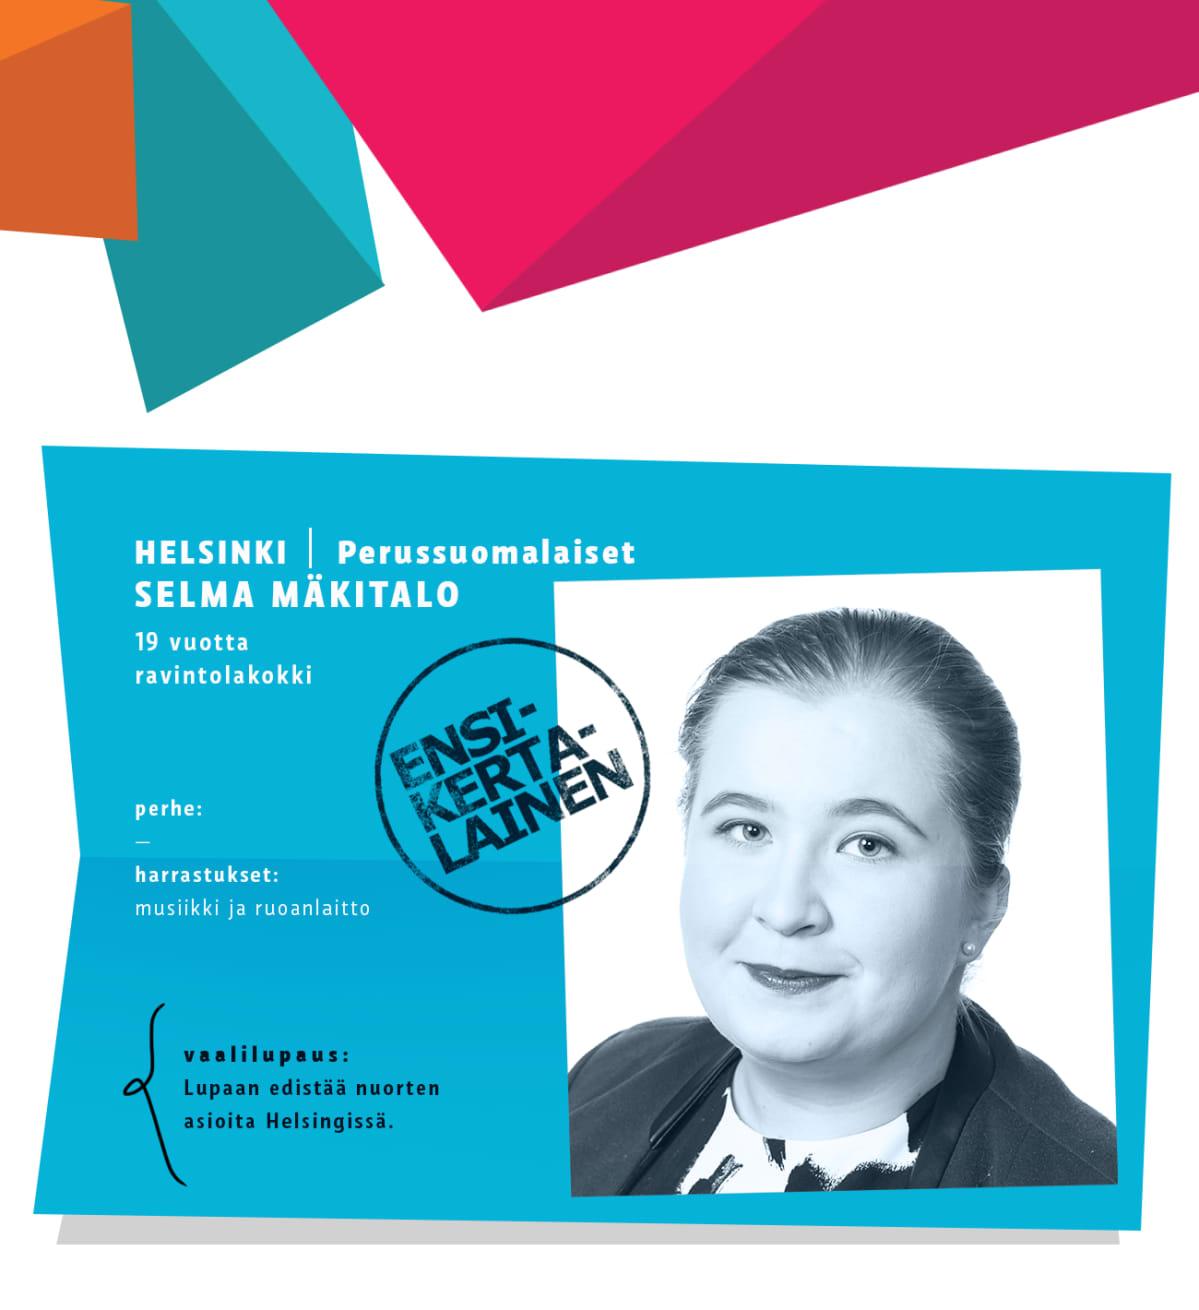 Selma Mäkitalo